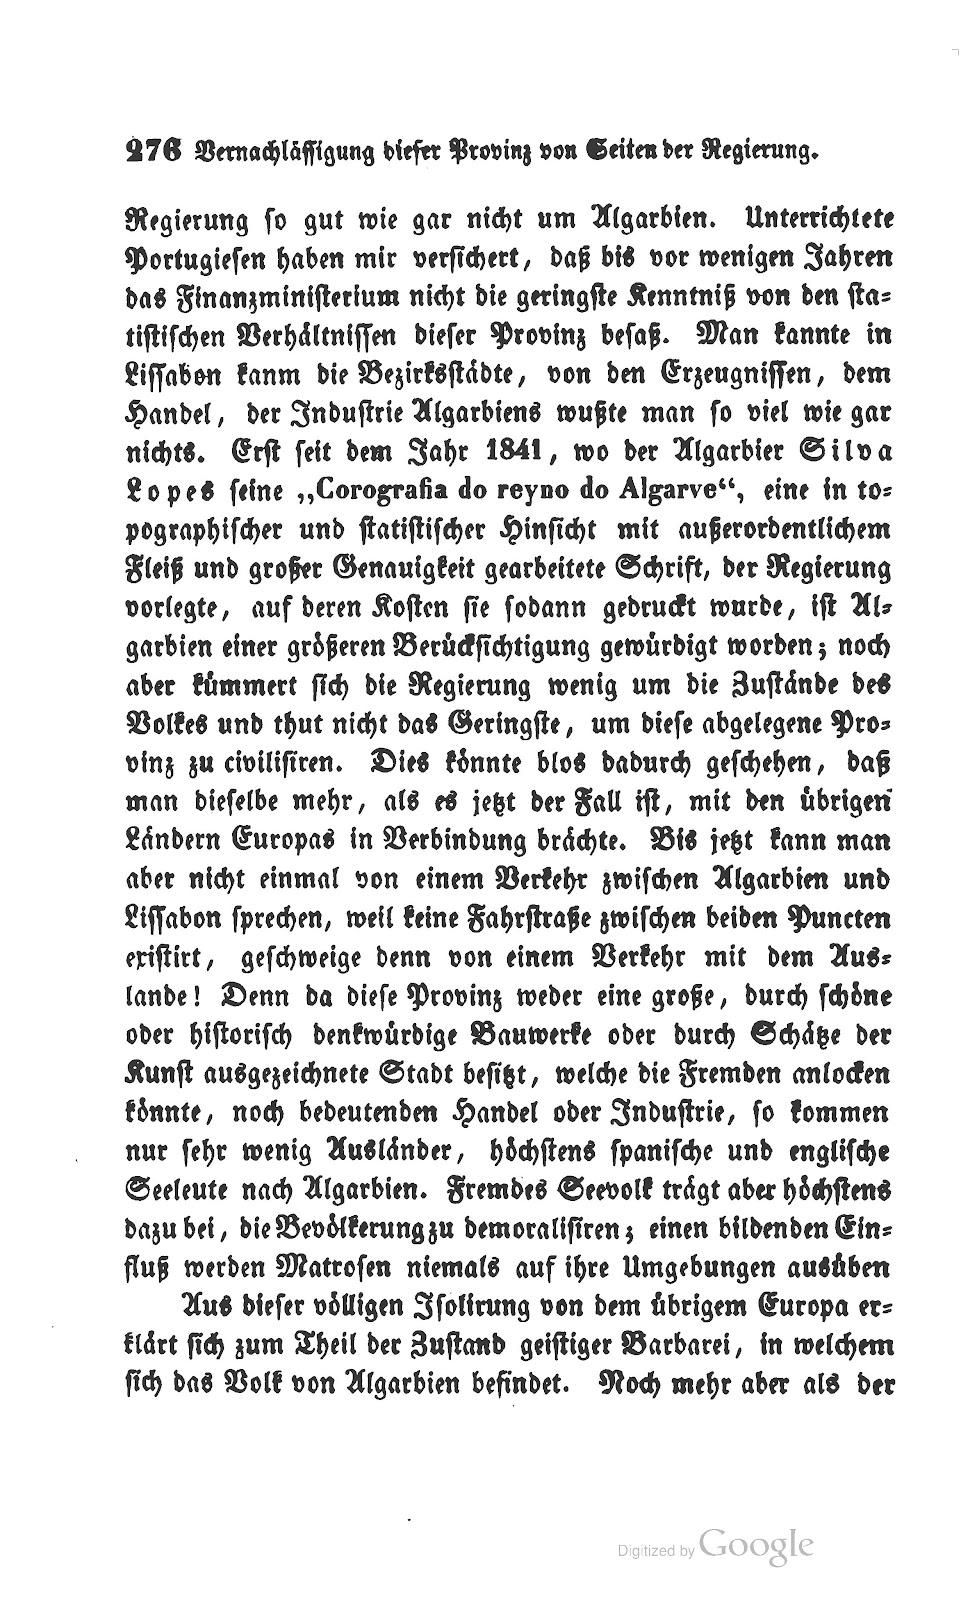 WIllkomm - 10. Kapitel Pages from Zwei_Jahre_in_Spanien_und_Portugal(3)_Page_18.jpg